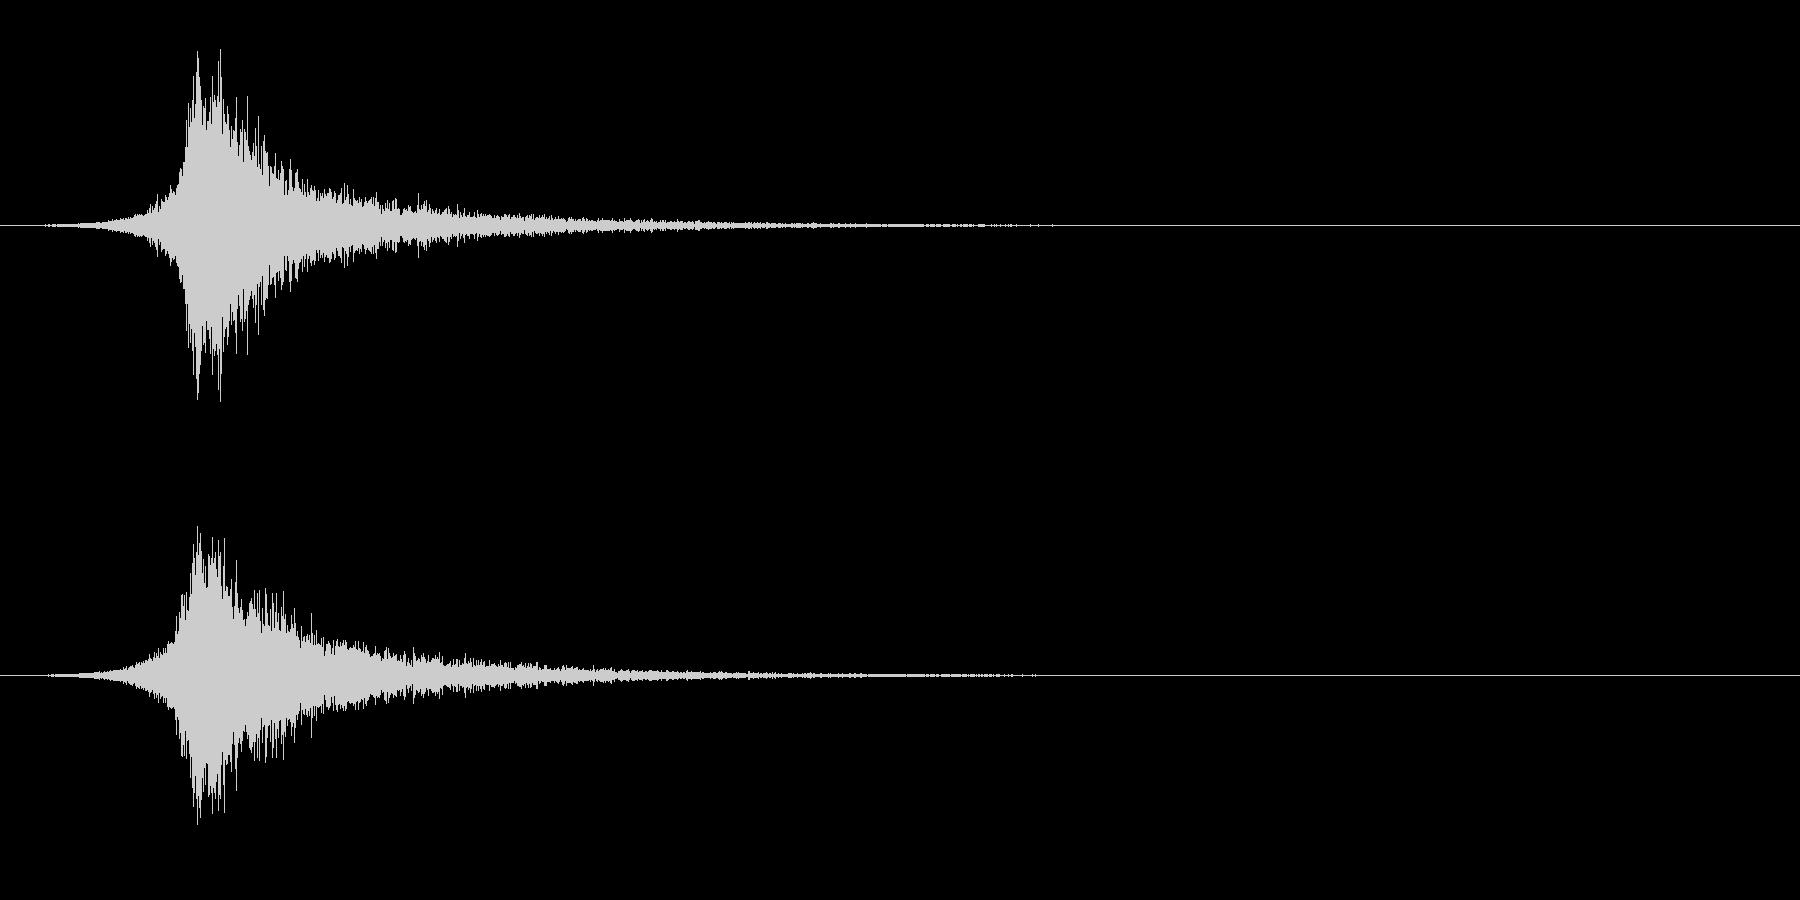 ヘビーブライトスネアドラムインパク...の未再生の波形